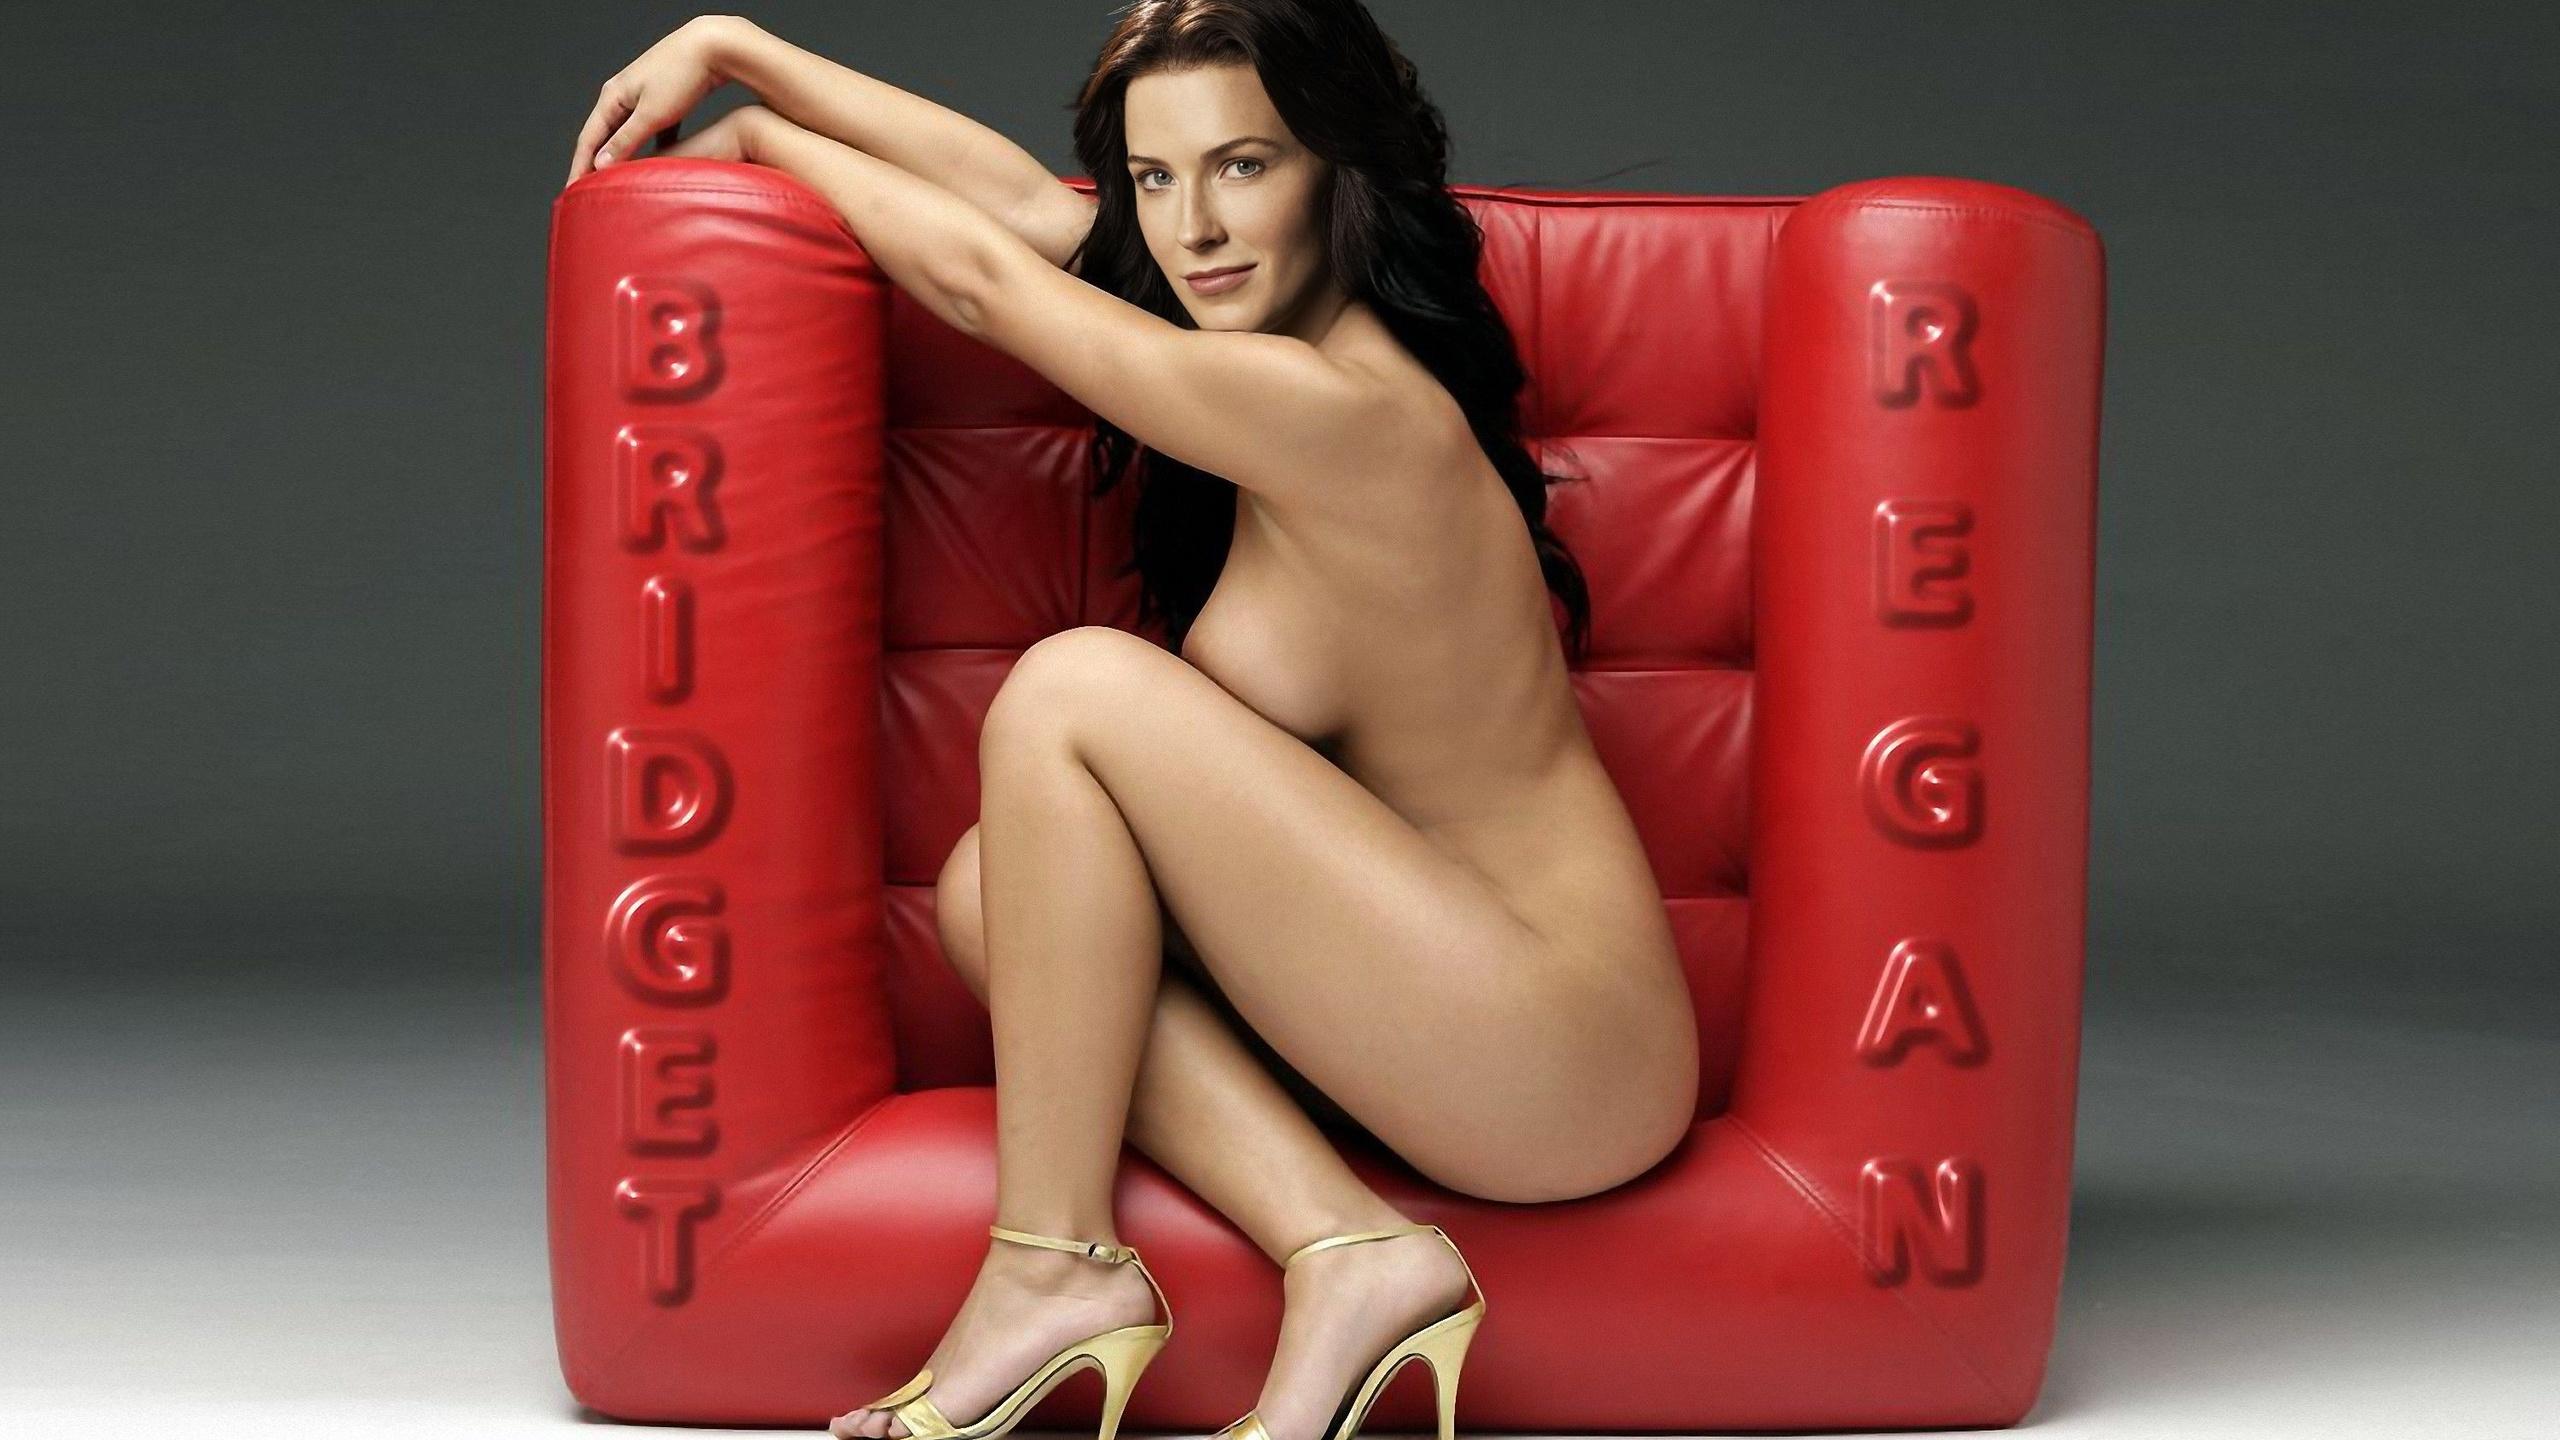 nude-and-naked-photos-of-bridget-regan